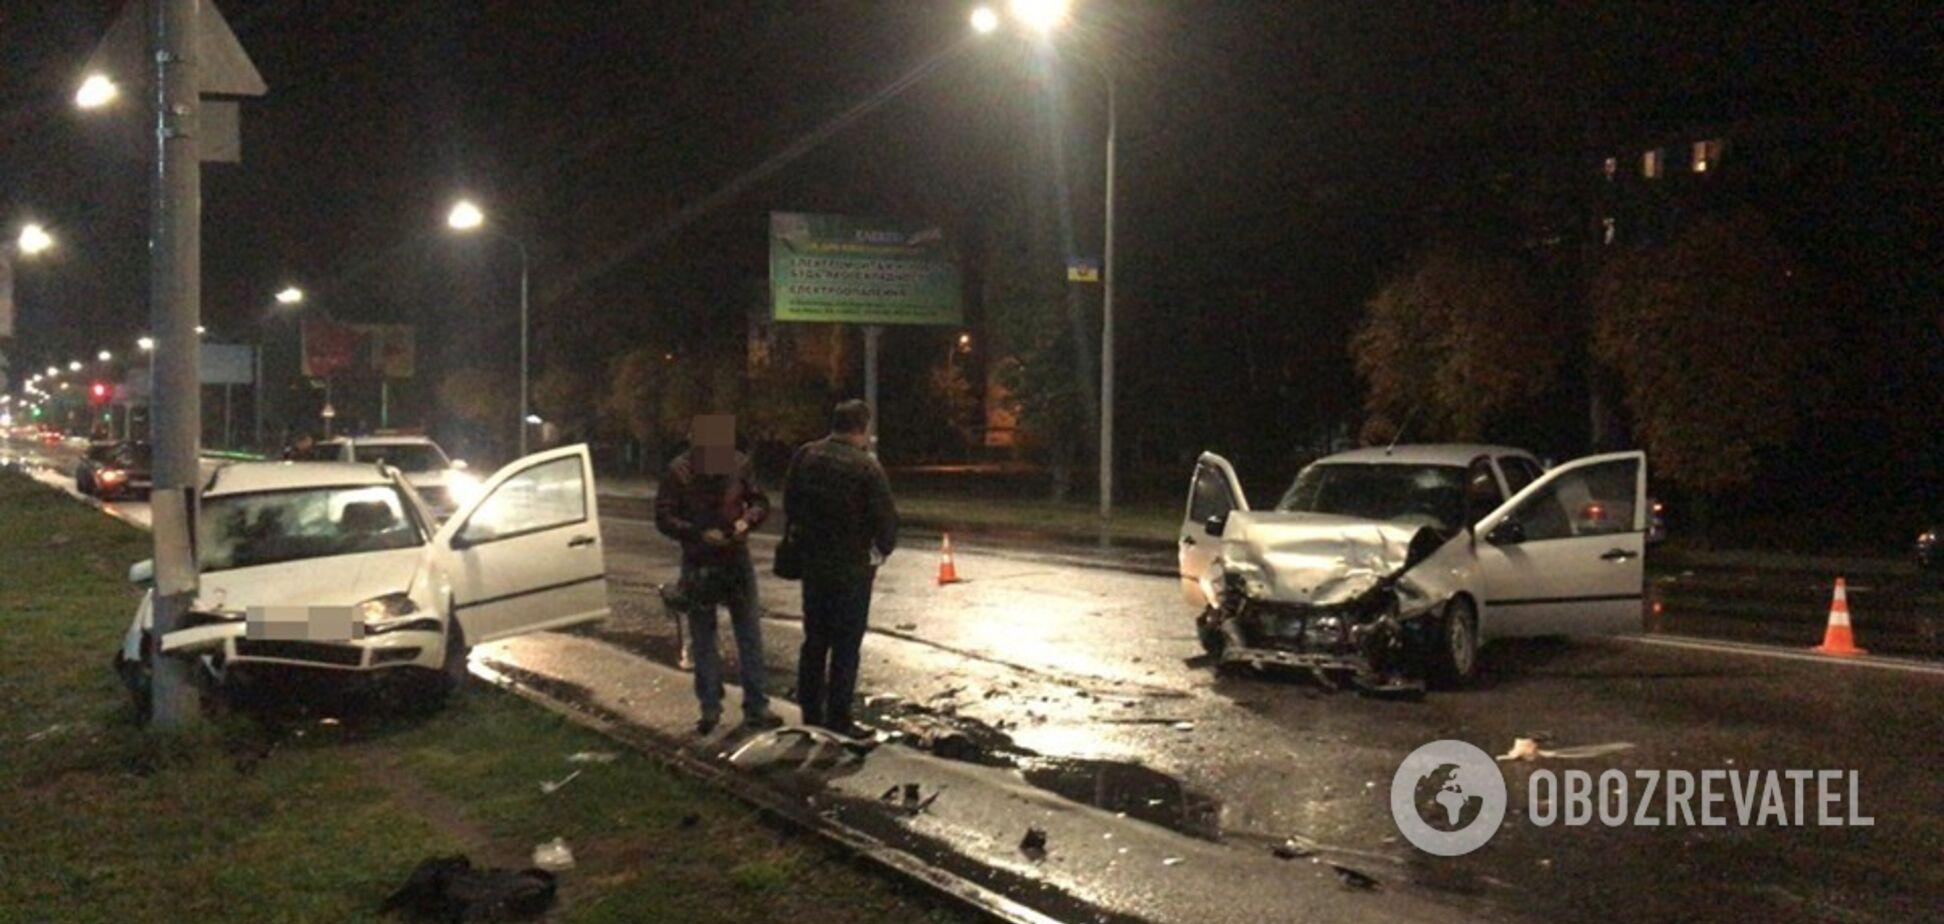 Під Дніпром п'яний поліцейський влаштував ДТП